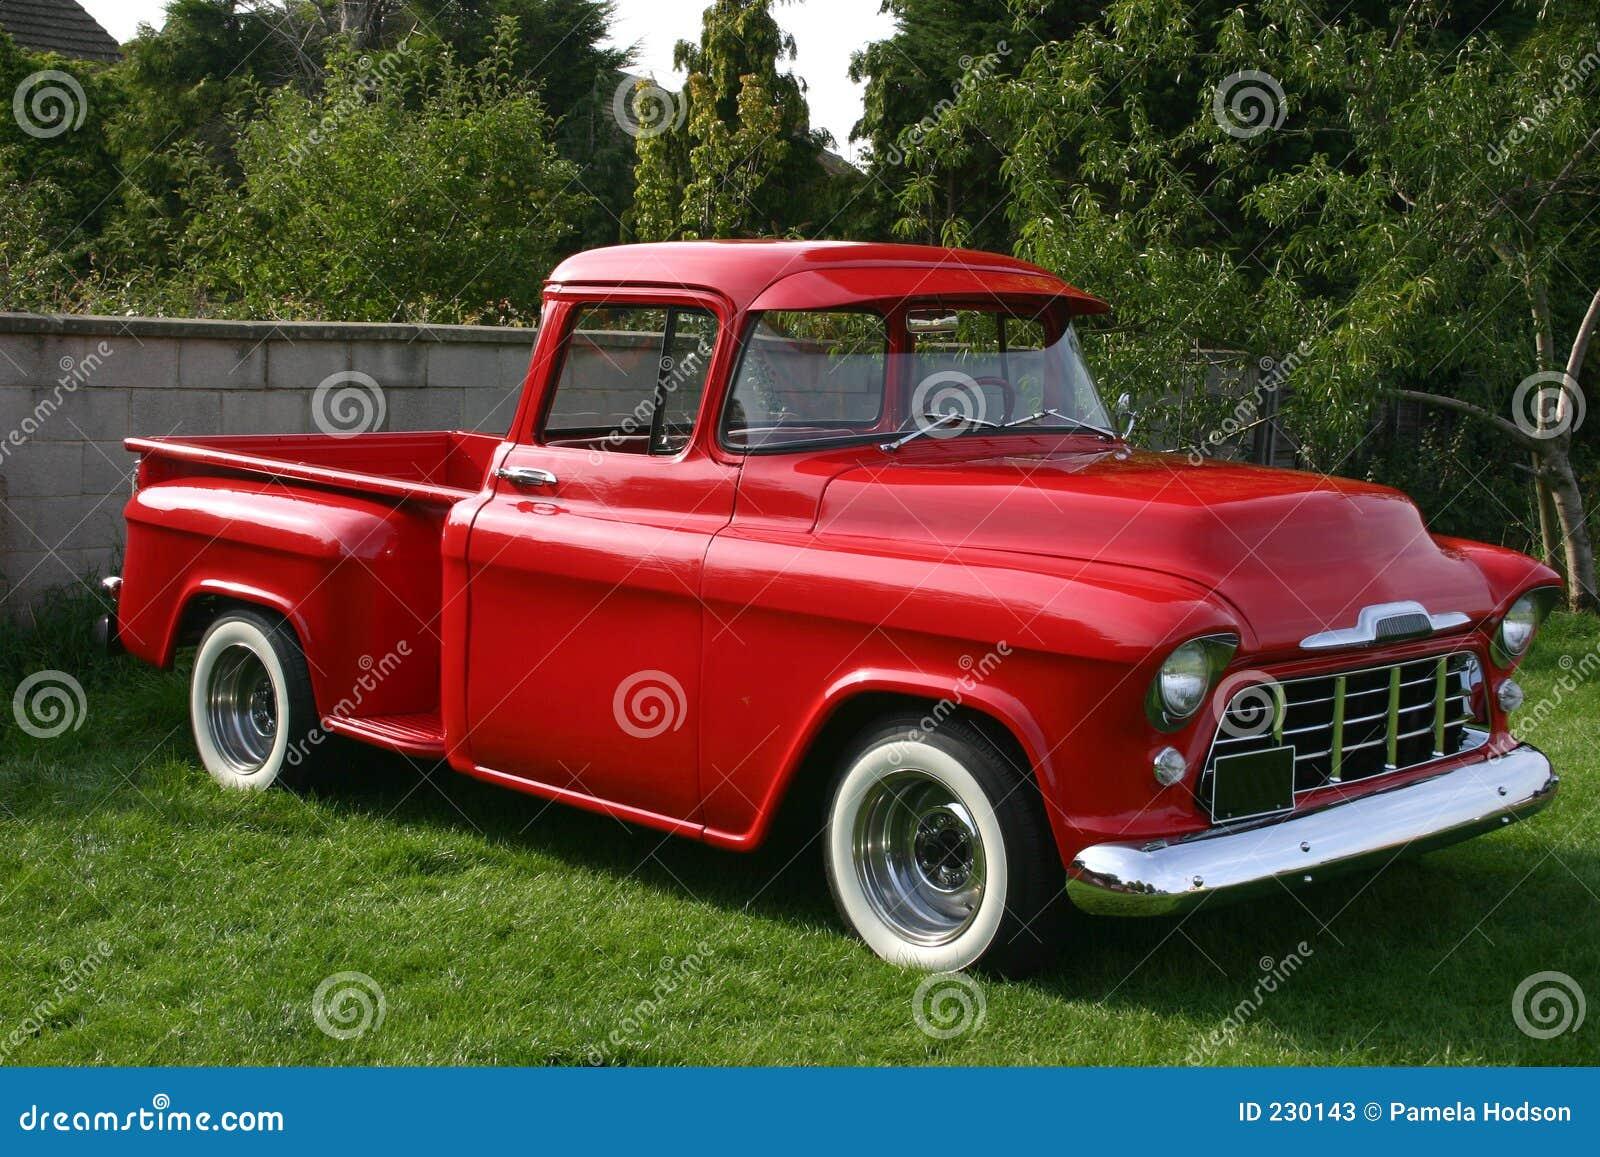 Chevrolet lastbil